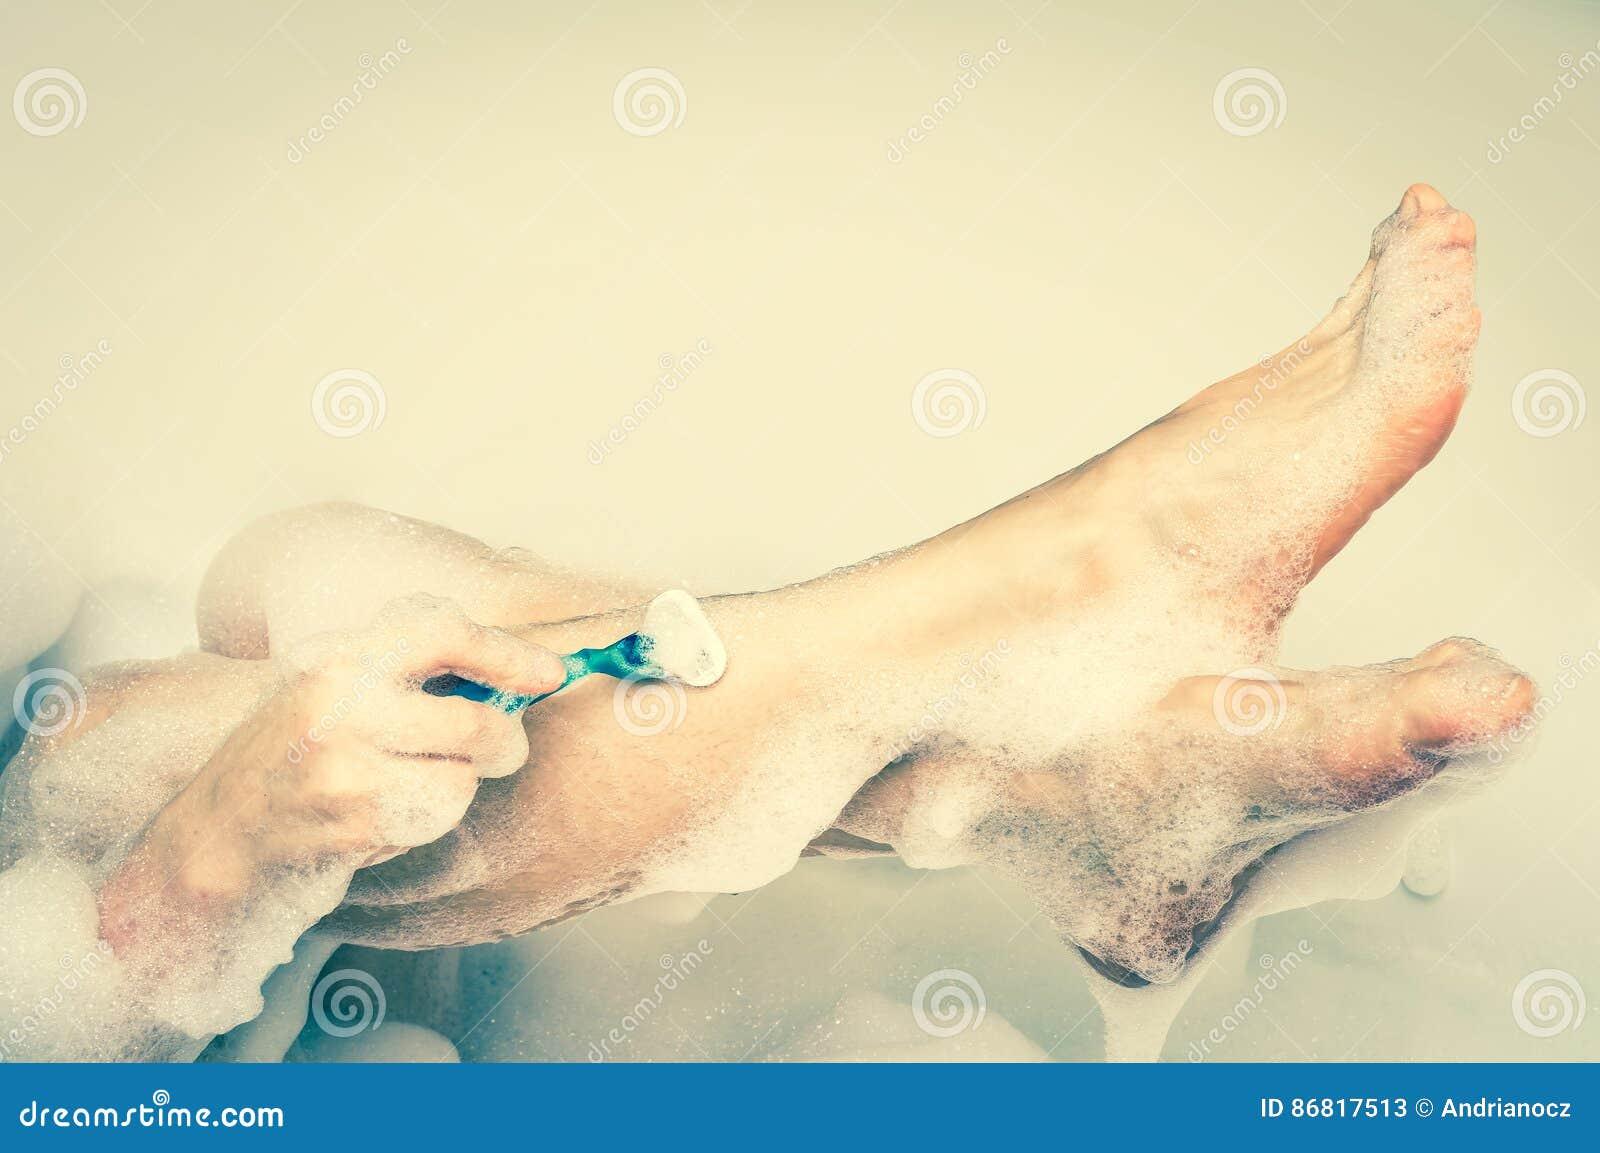 Frau Die Beine Mit Rasiermesser Im Badezimmer Retrostil Rasiert